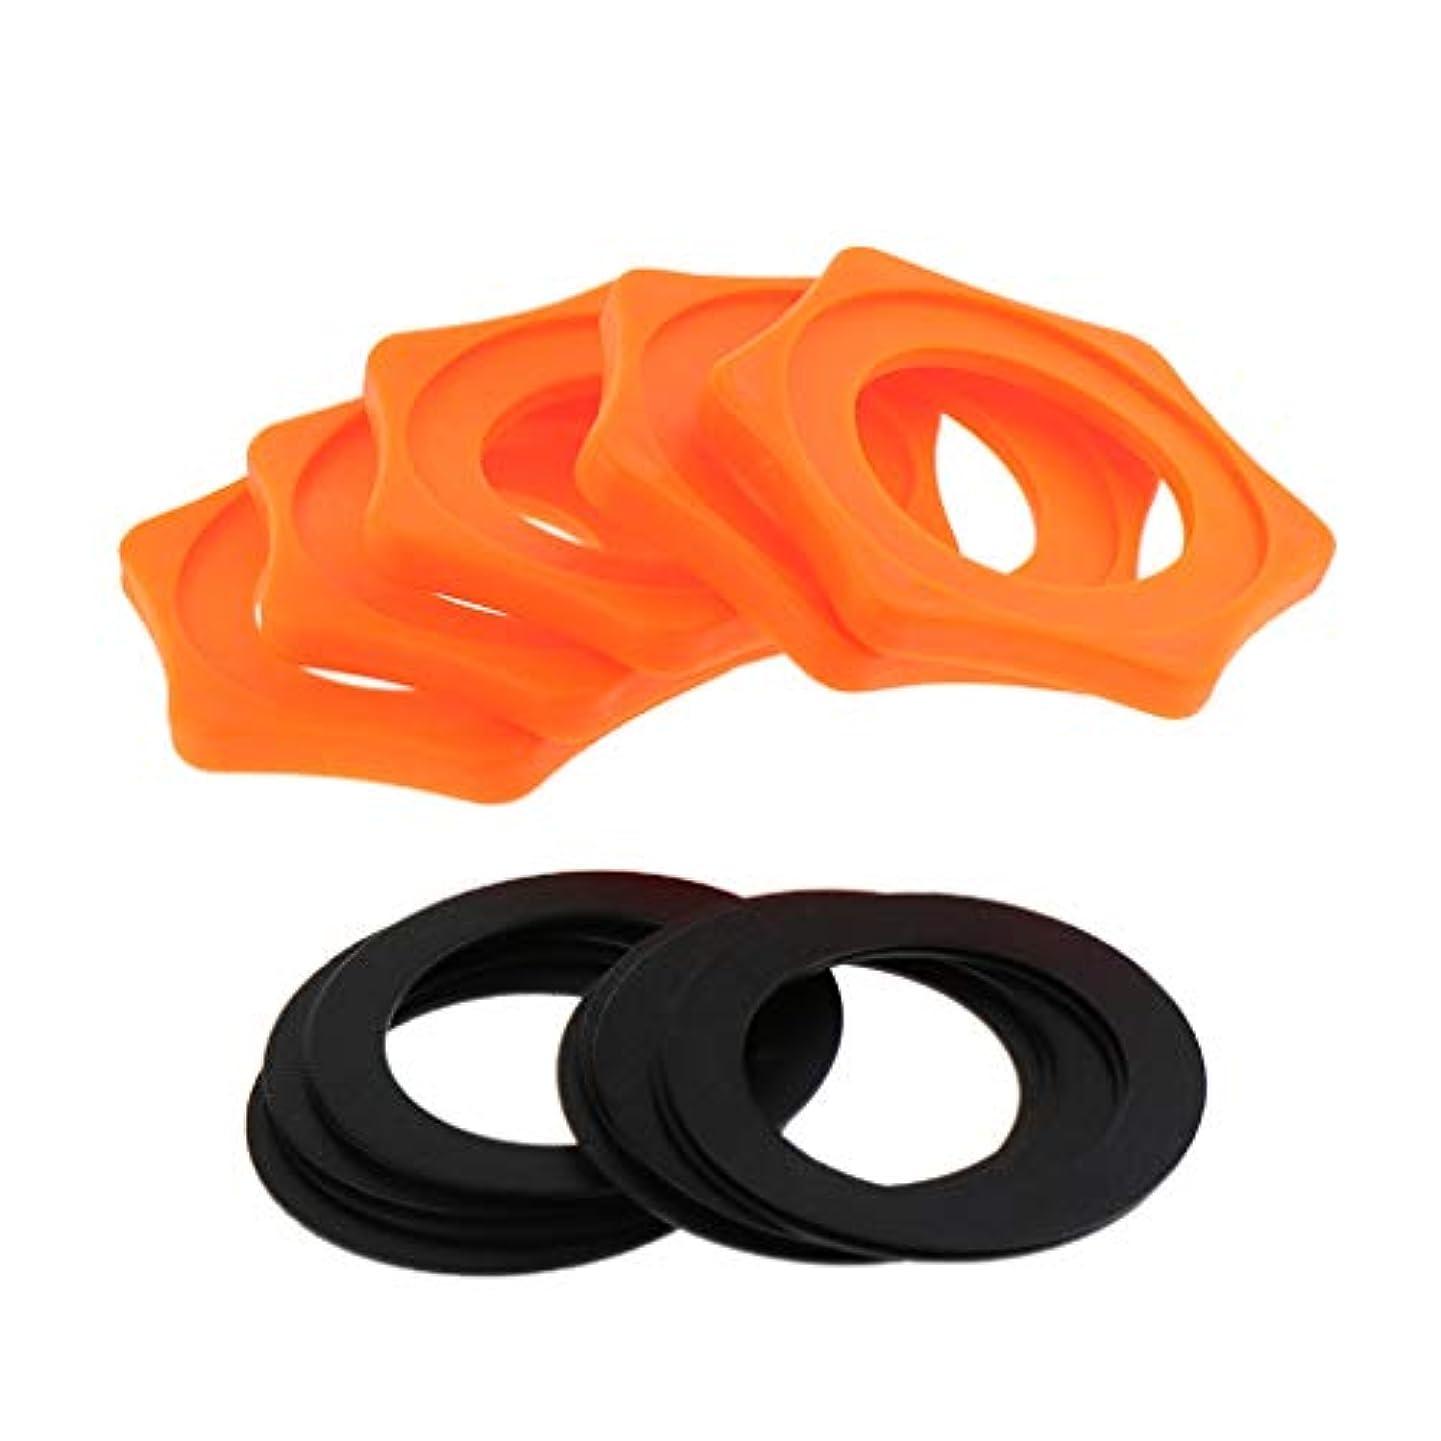 電話するヨーグルト上に築きますF Fityle マイクスリップリング 六角形 滑り止め マイクホルダー 飾り 内径約31mm 全2色 5セット - オレンジ